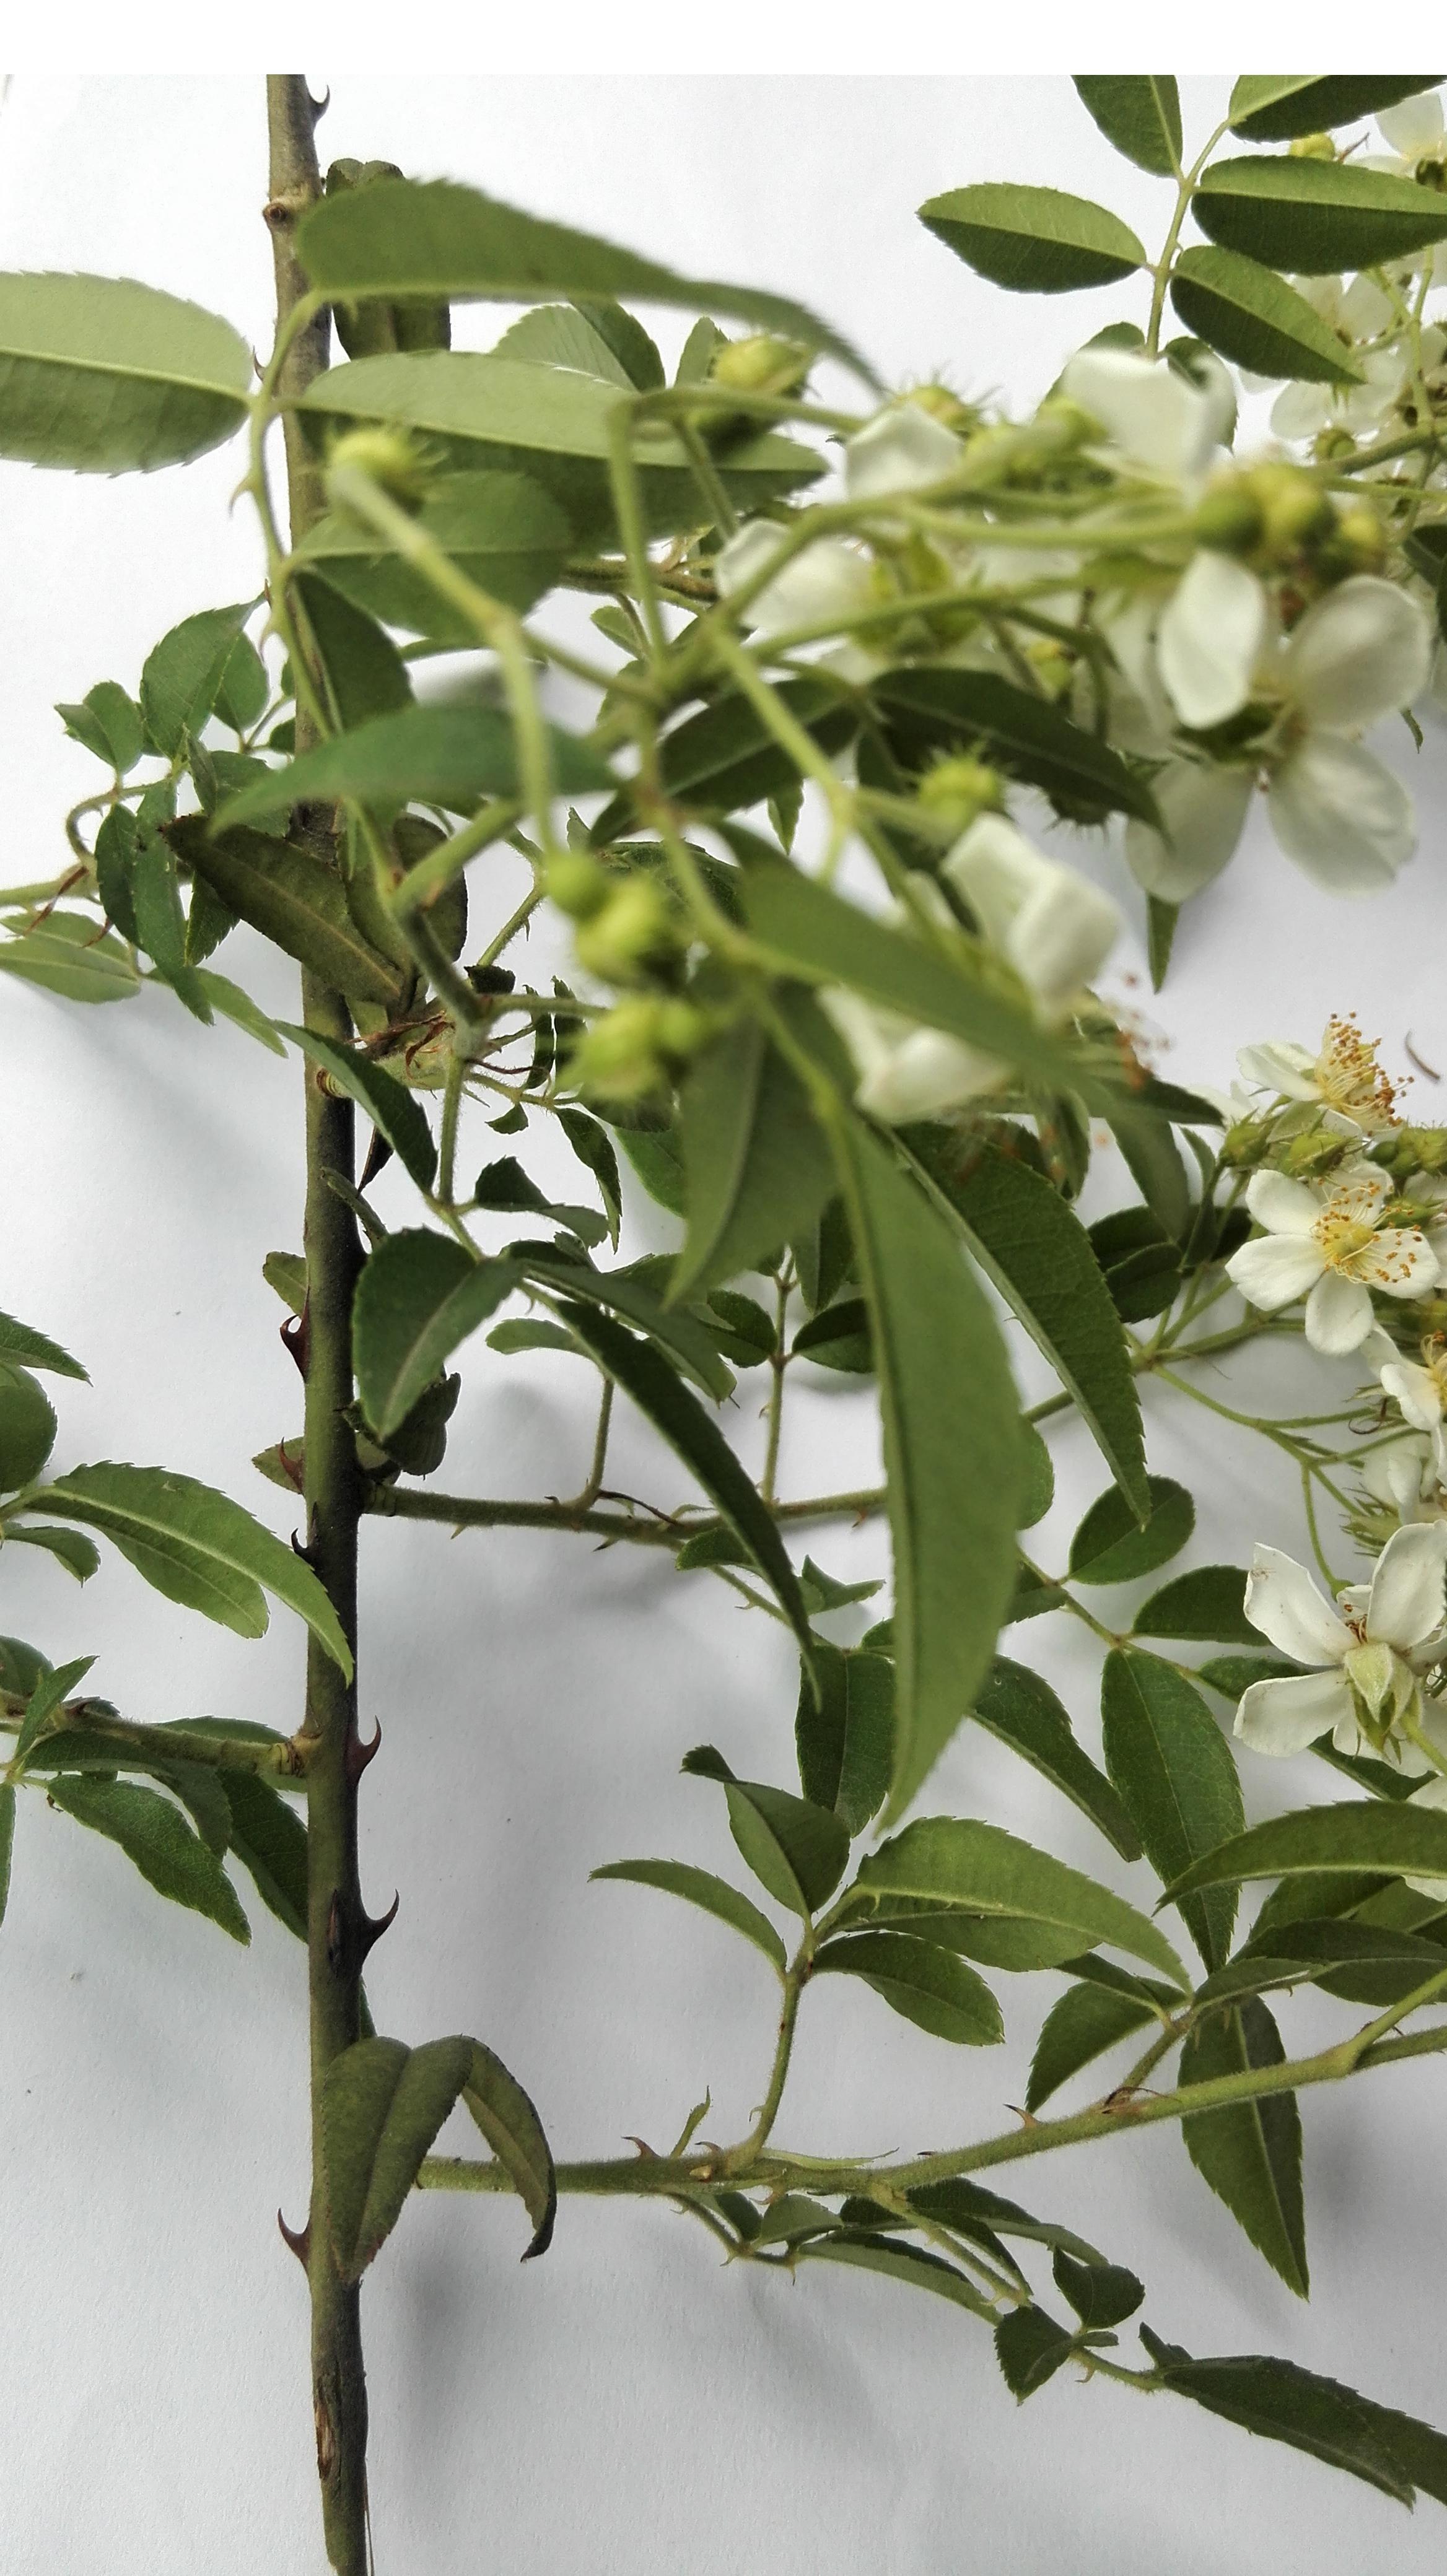 滕本植物有刺开五瓣小白花,是什么树?_突袭网